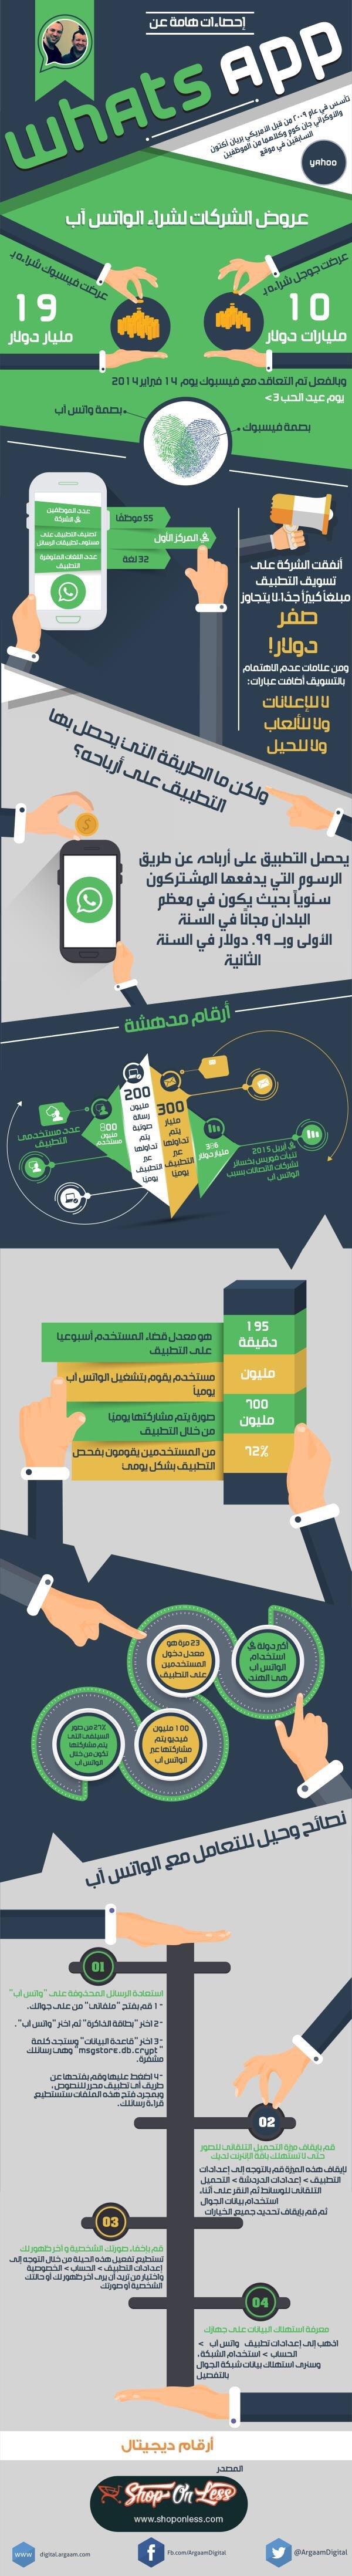 إحصاءات هامة عن #واتساب #انفوجرافيك